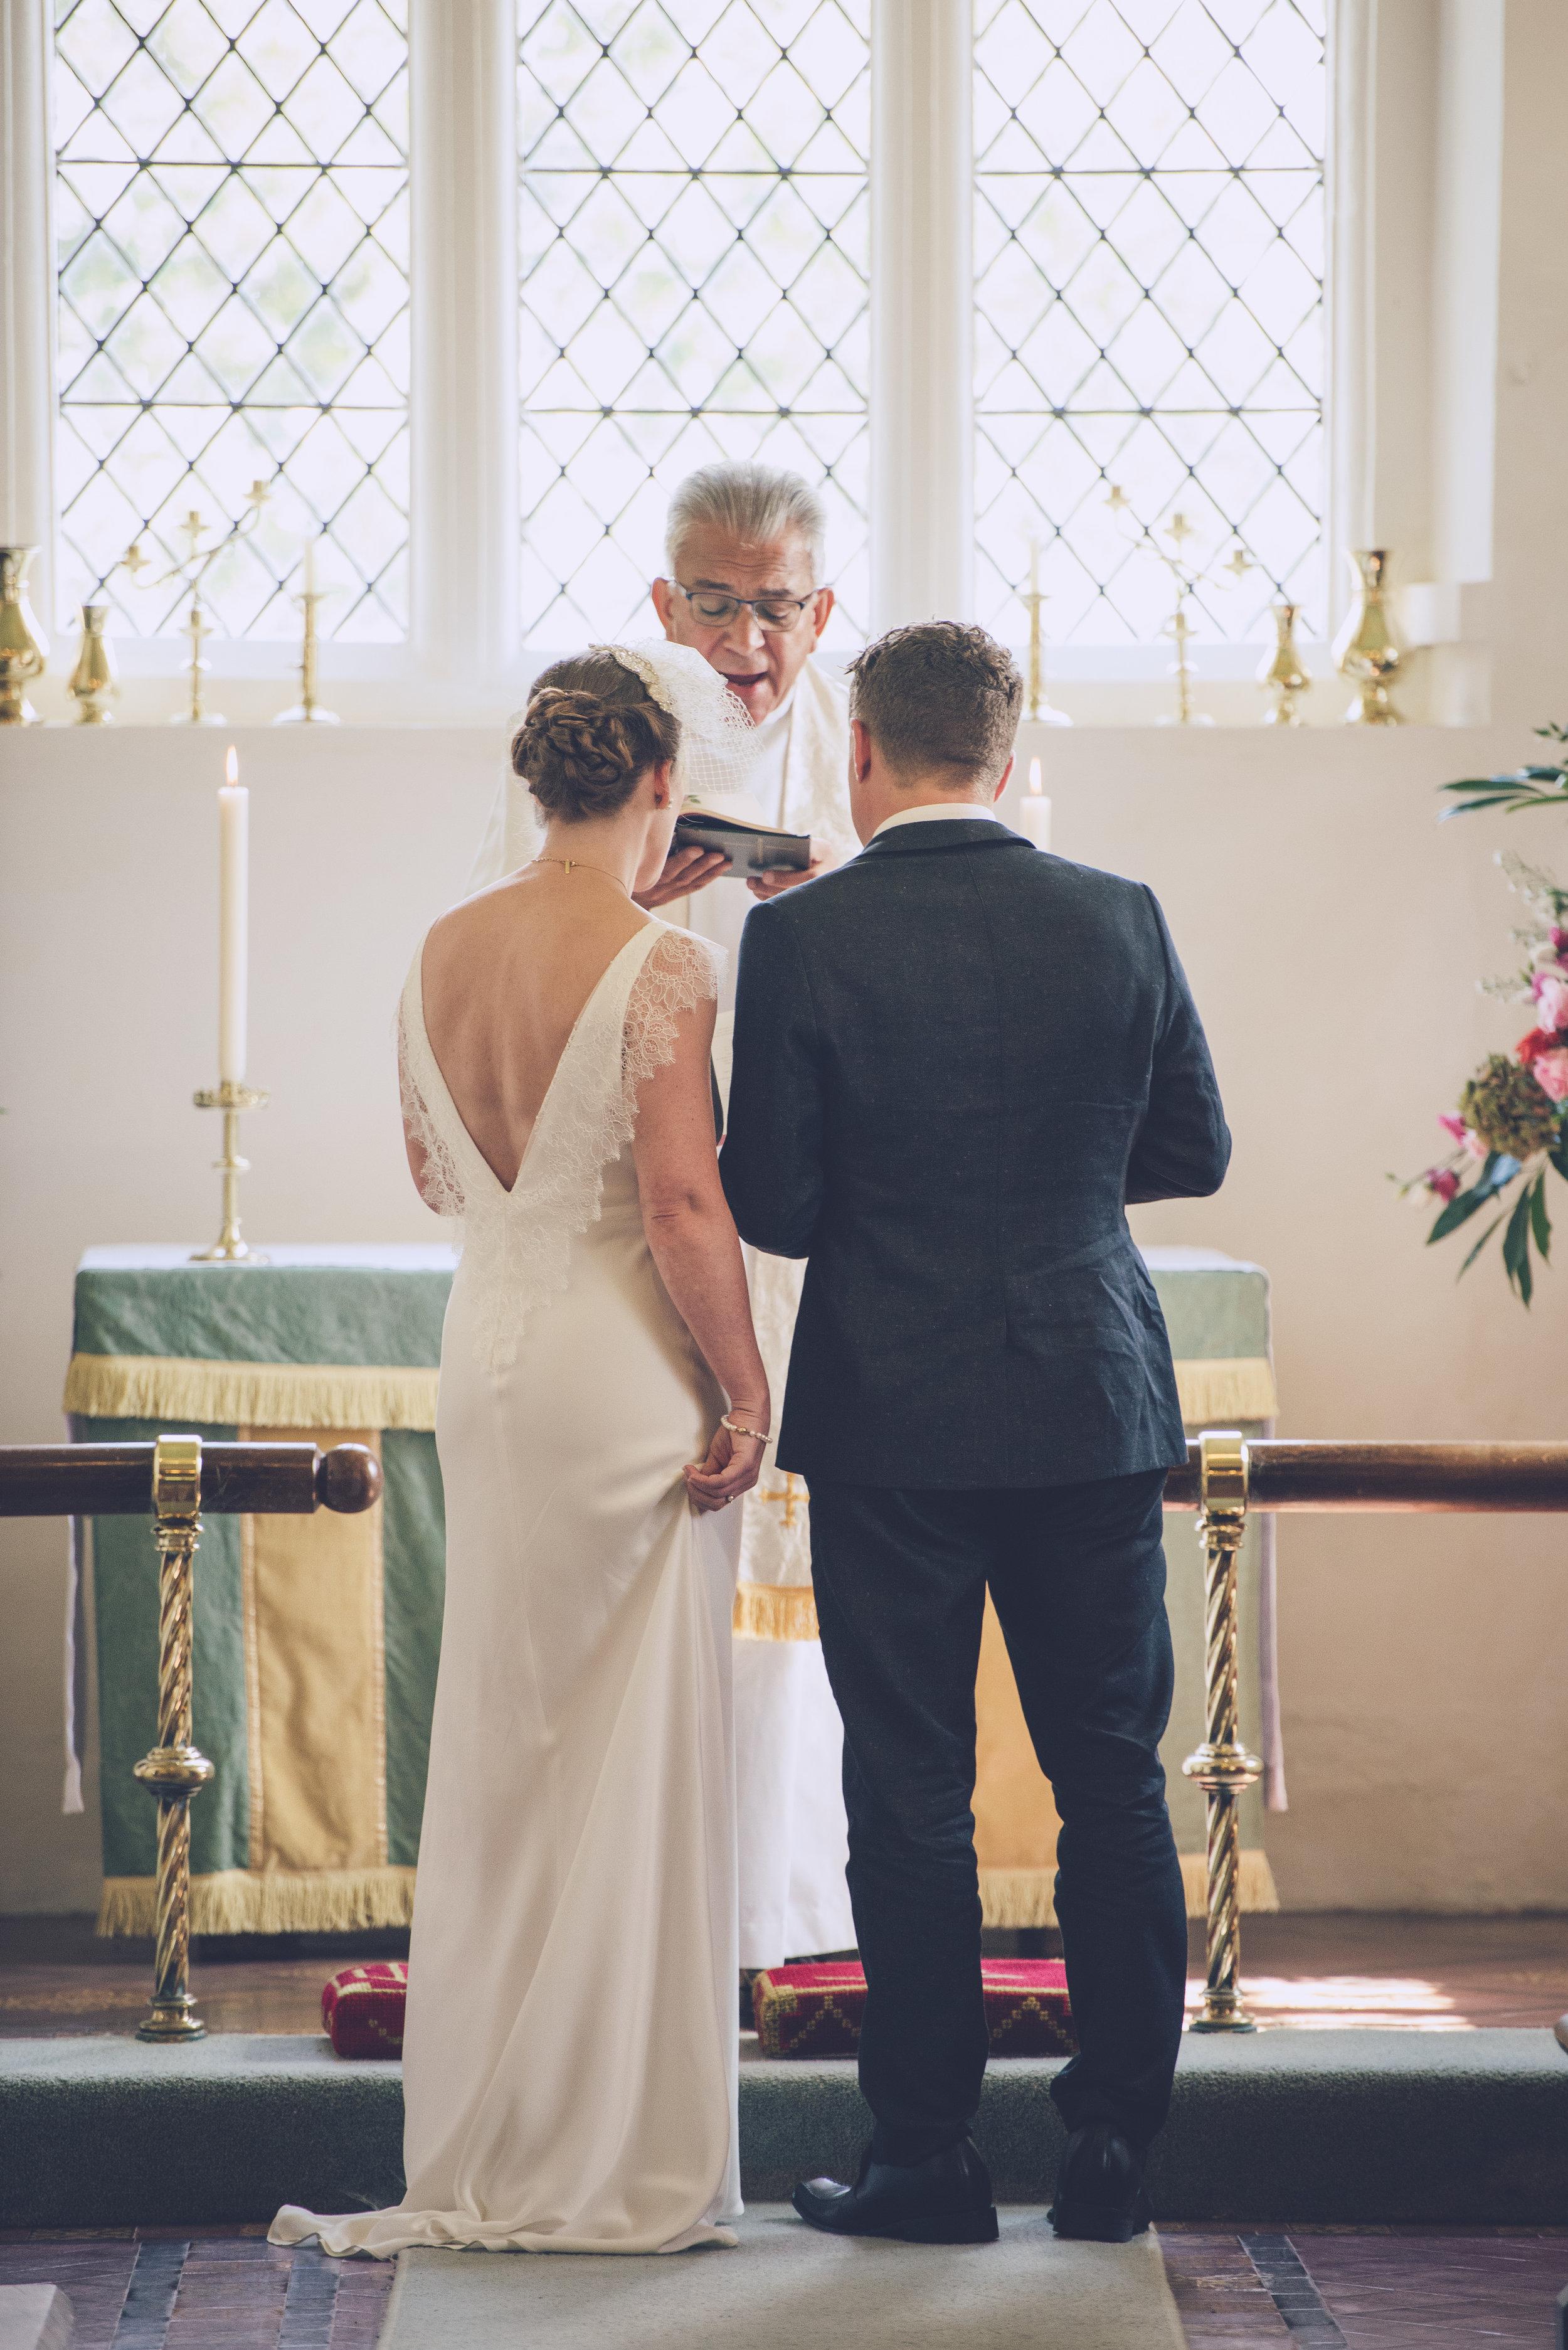 Sarah-Susanna-Greening-Bias-Vintage-Lace-Wedding-Dress-Bespoke-Matlock-Derbyshire-11